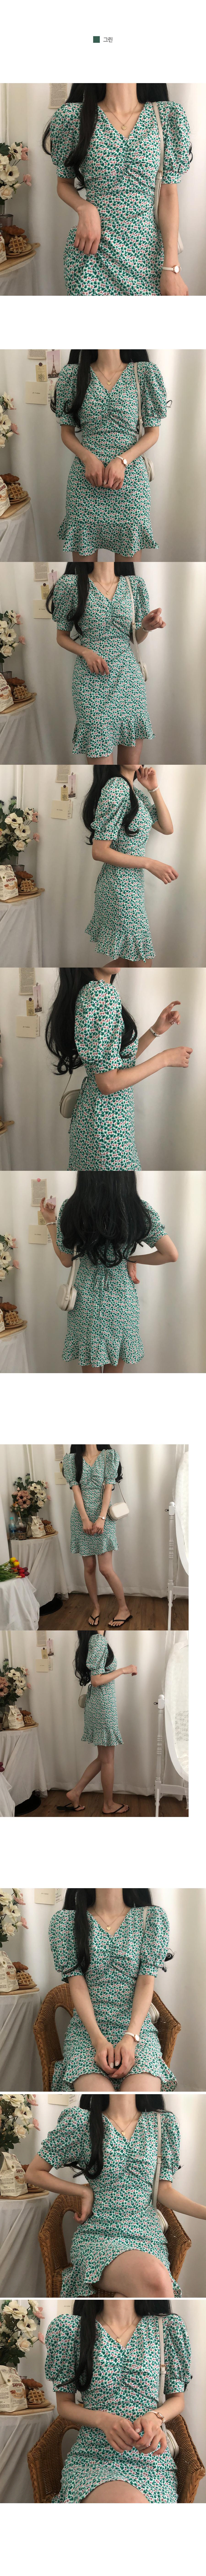 Vivid Color Flower Mermaid Mini Dress